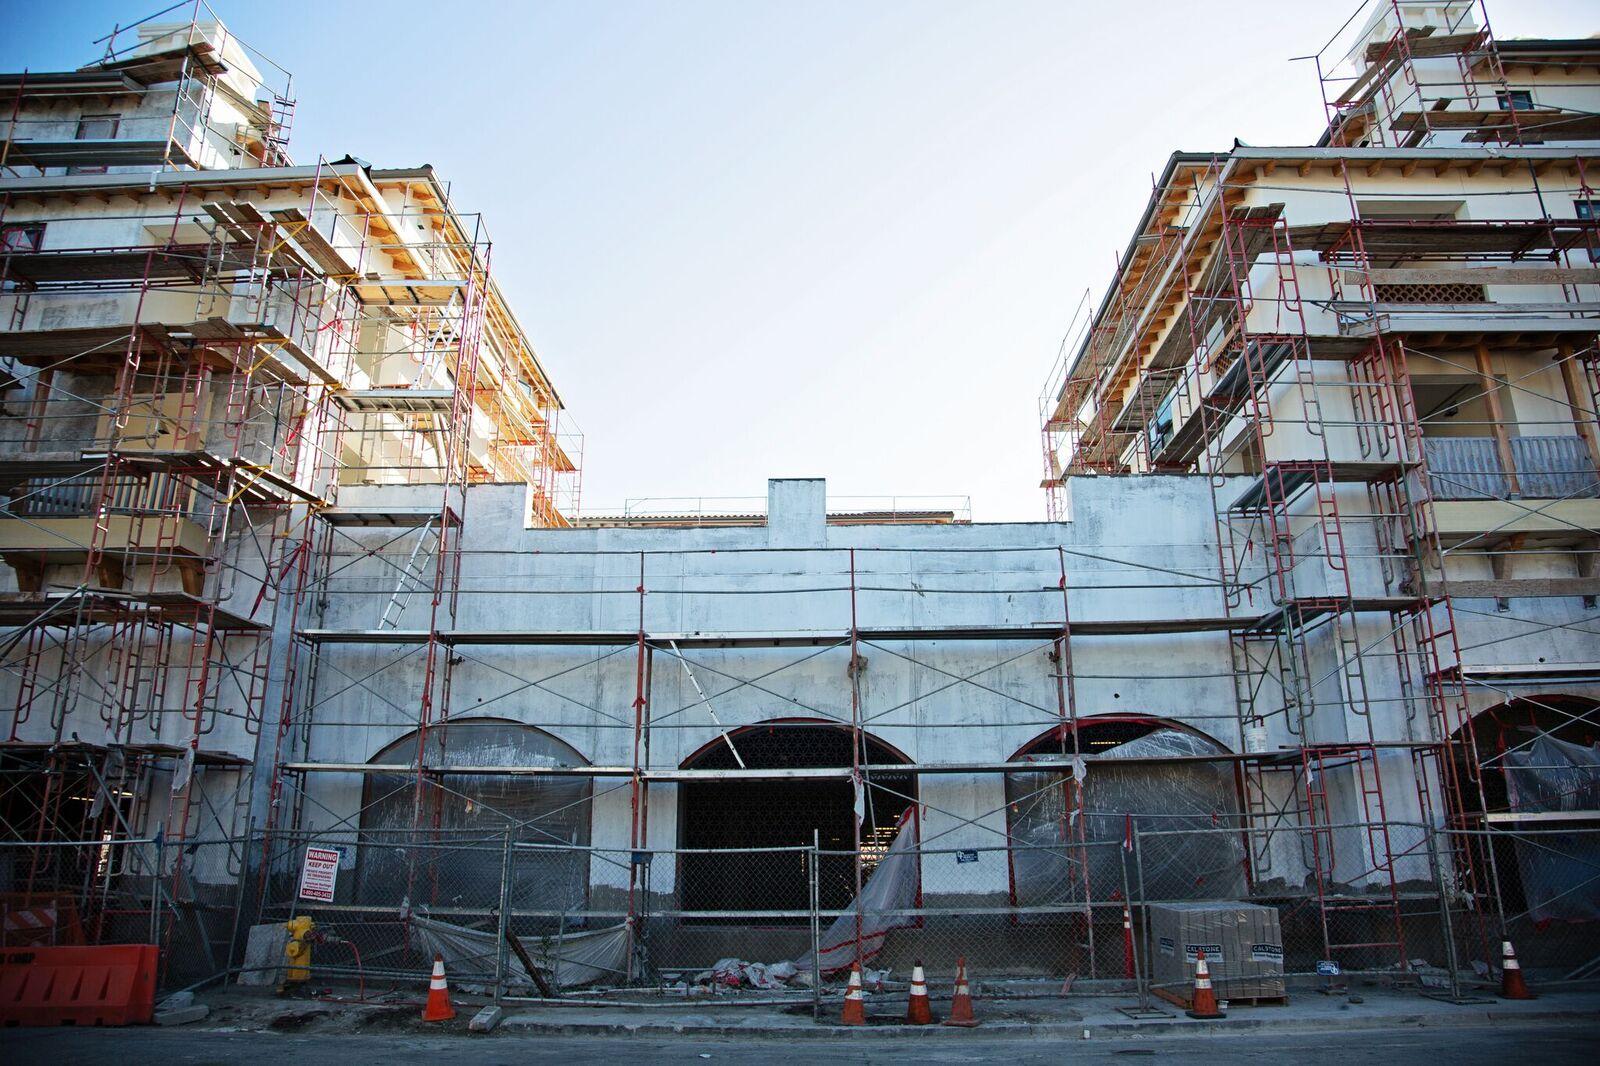 Infill Housing Development